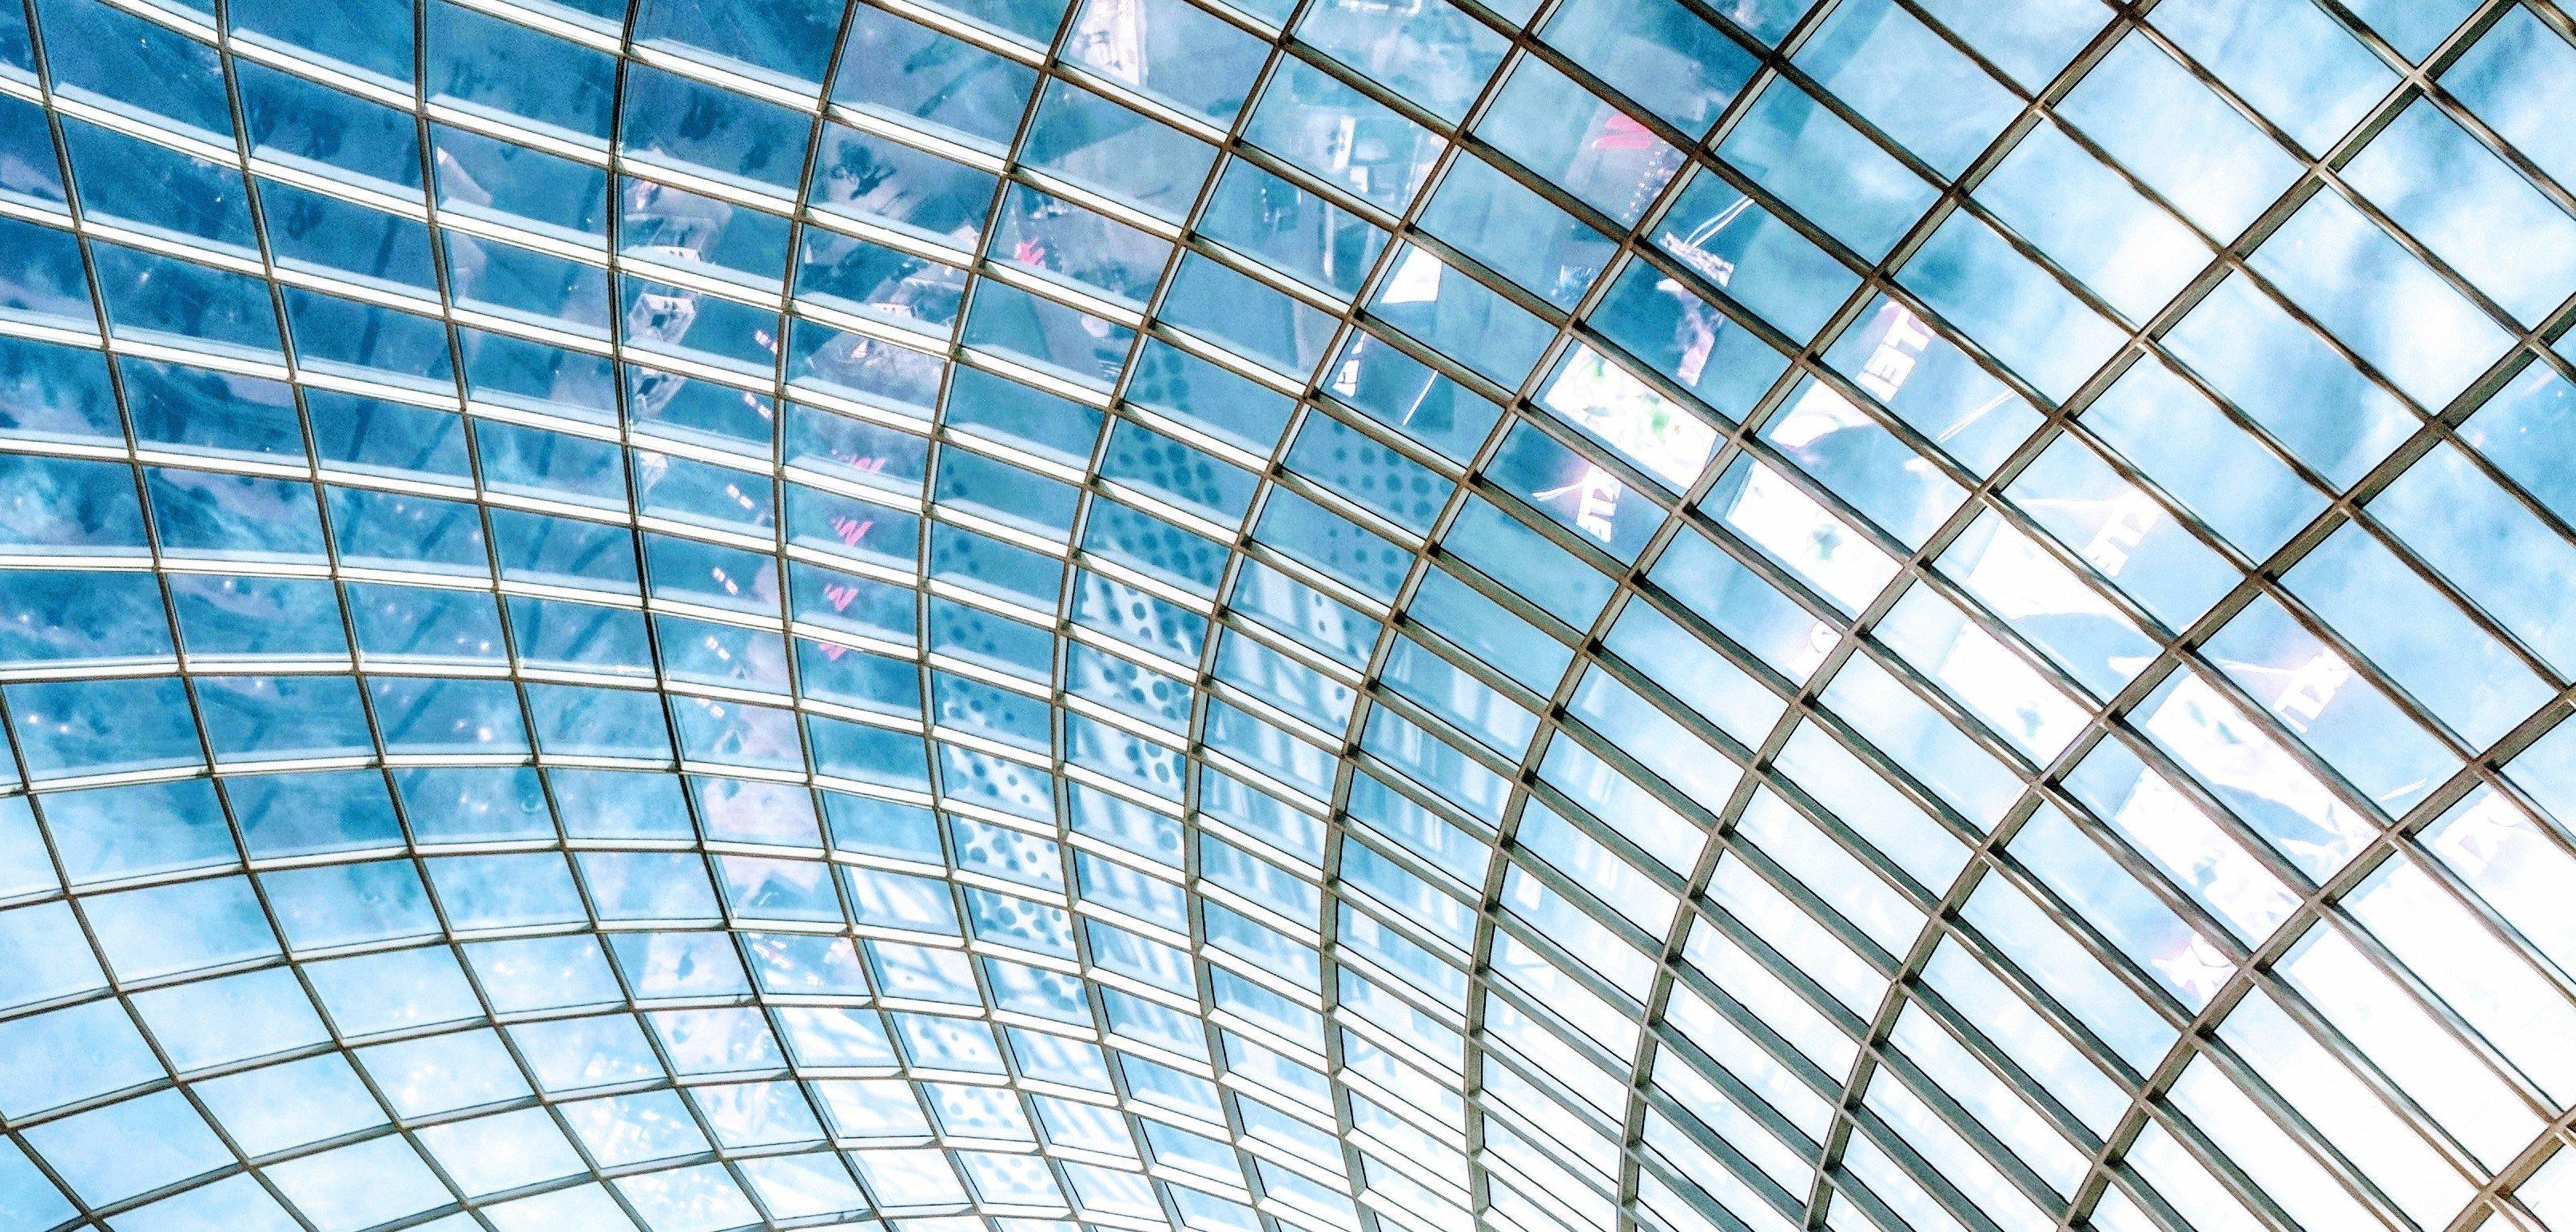 architectural-design-architecture-blue-sky-1487154-1